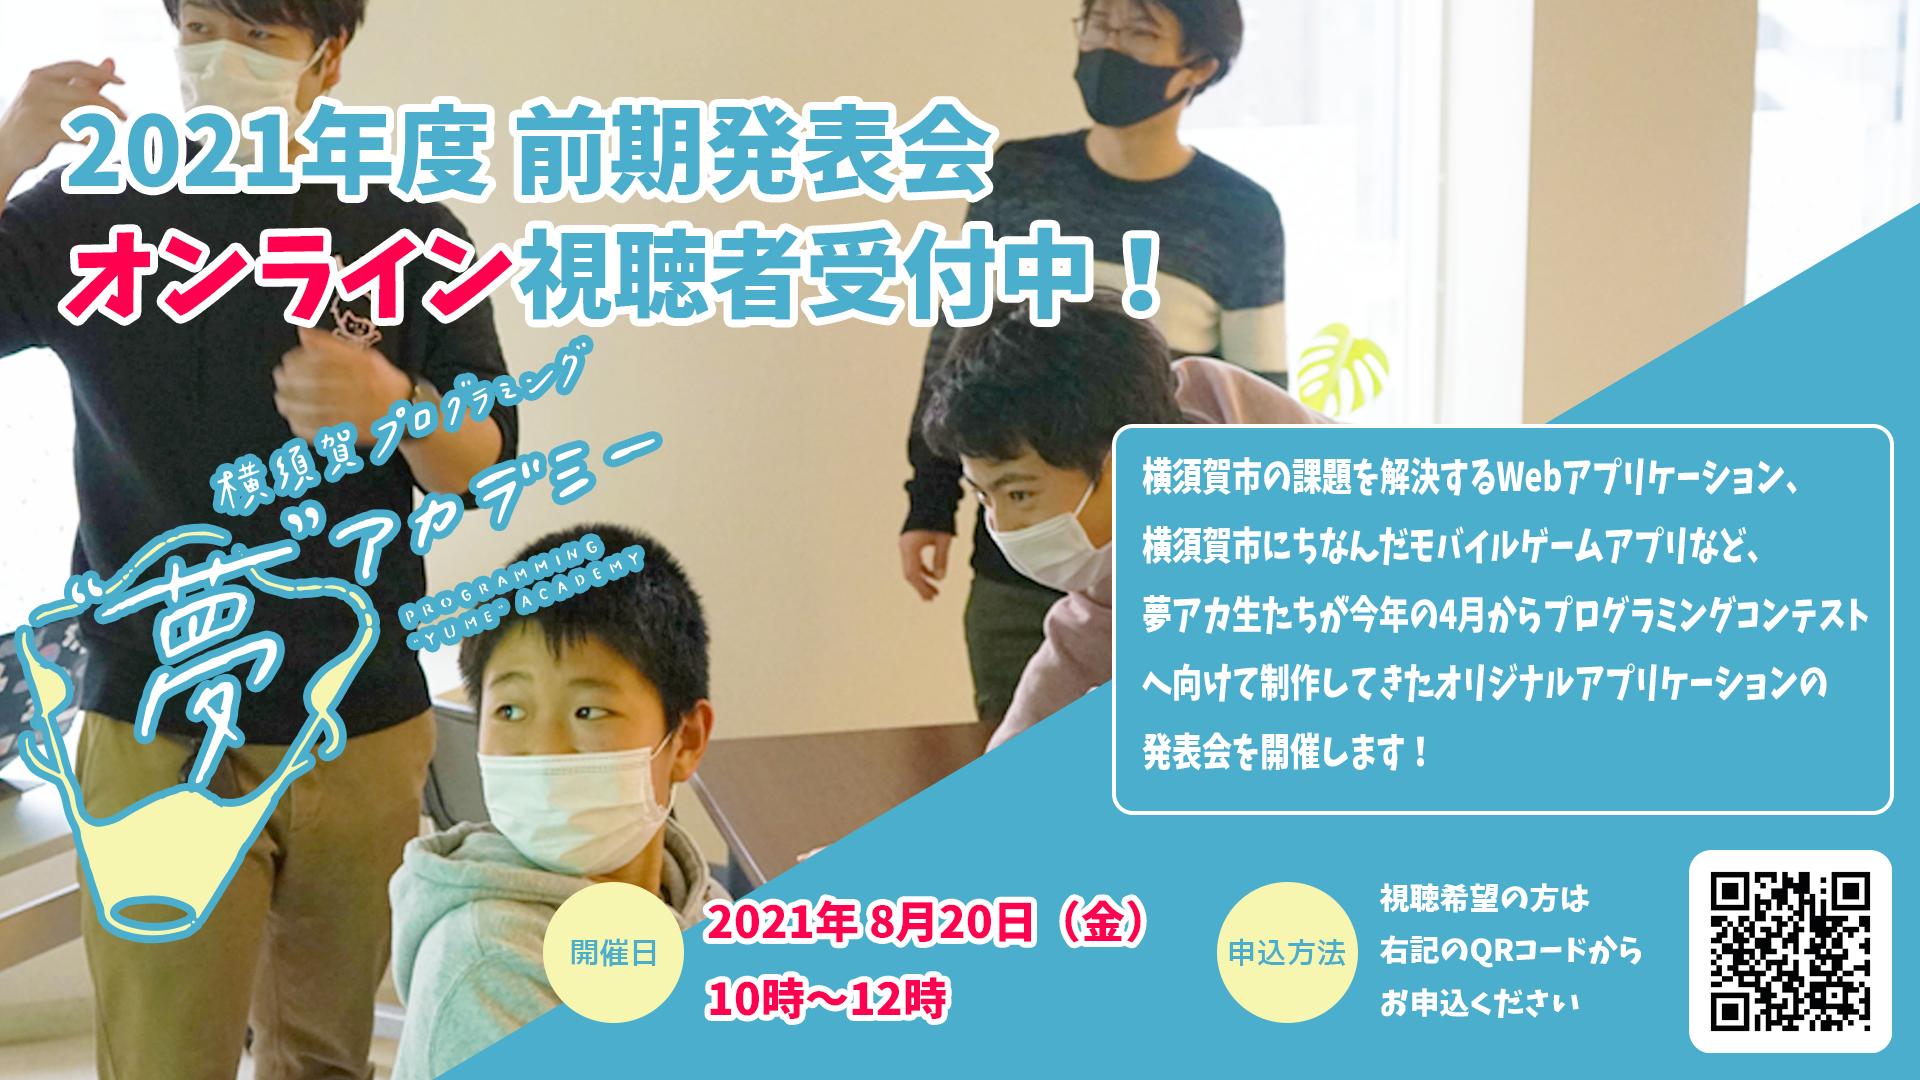 【動画あり】2021年度 前期発表会 オンライン参加者受付中!